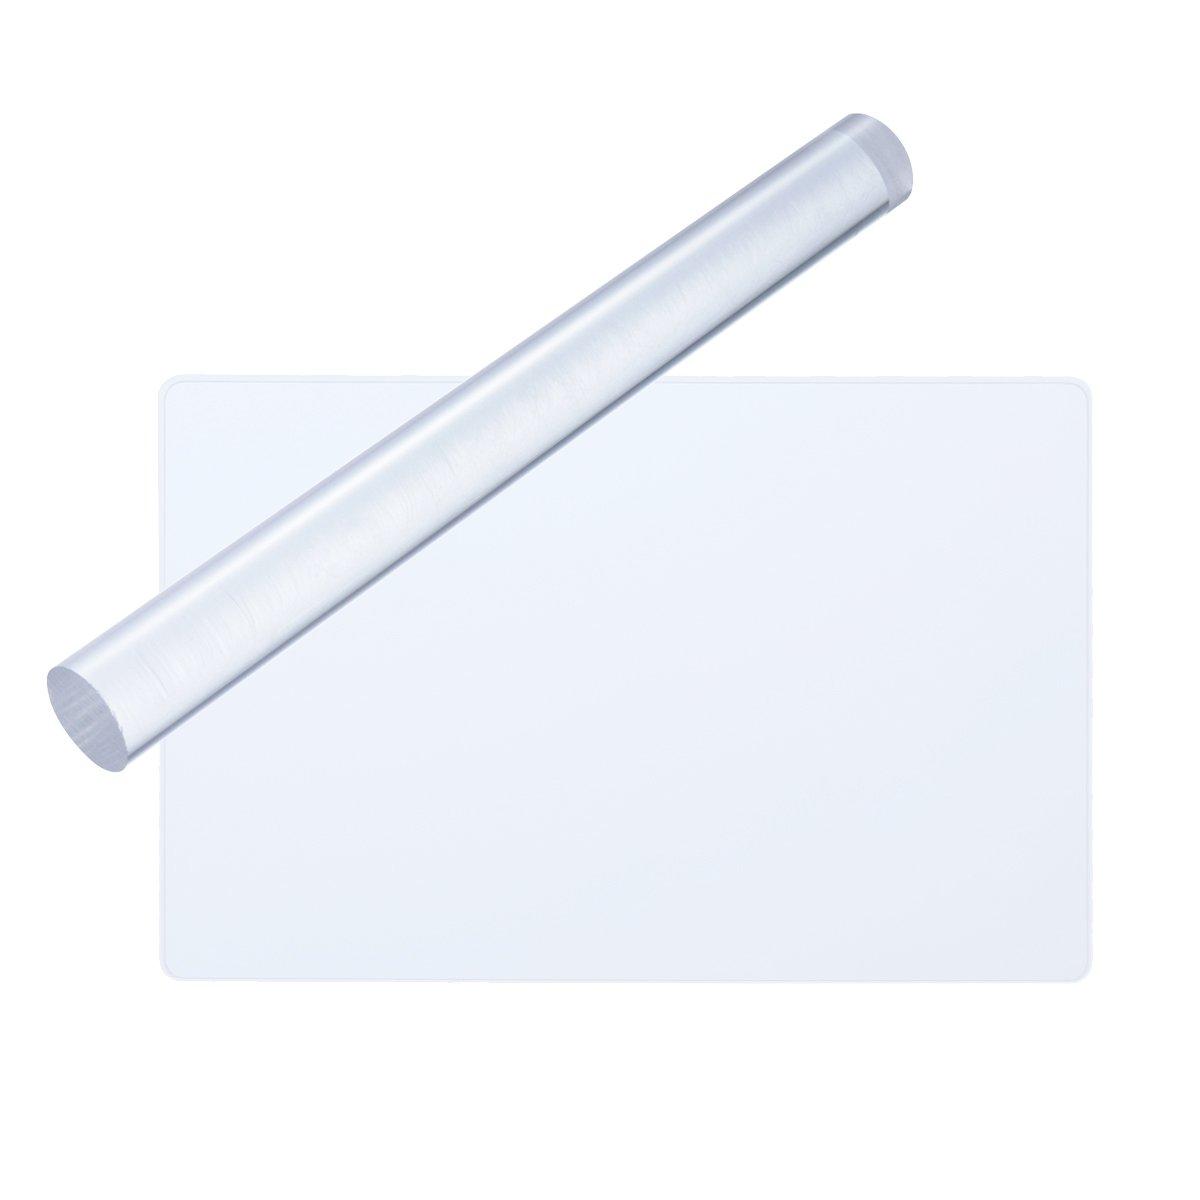 Selify Acrylic Clay roller rettangolare in acrilico foglio Board attrezzi per modellare Fimo Craft